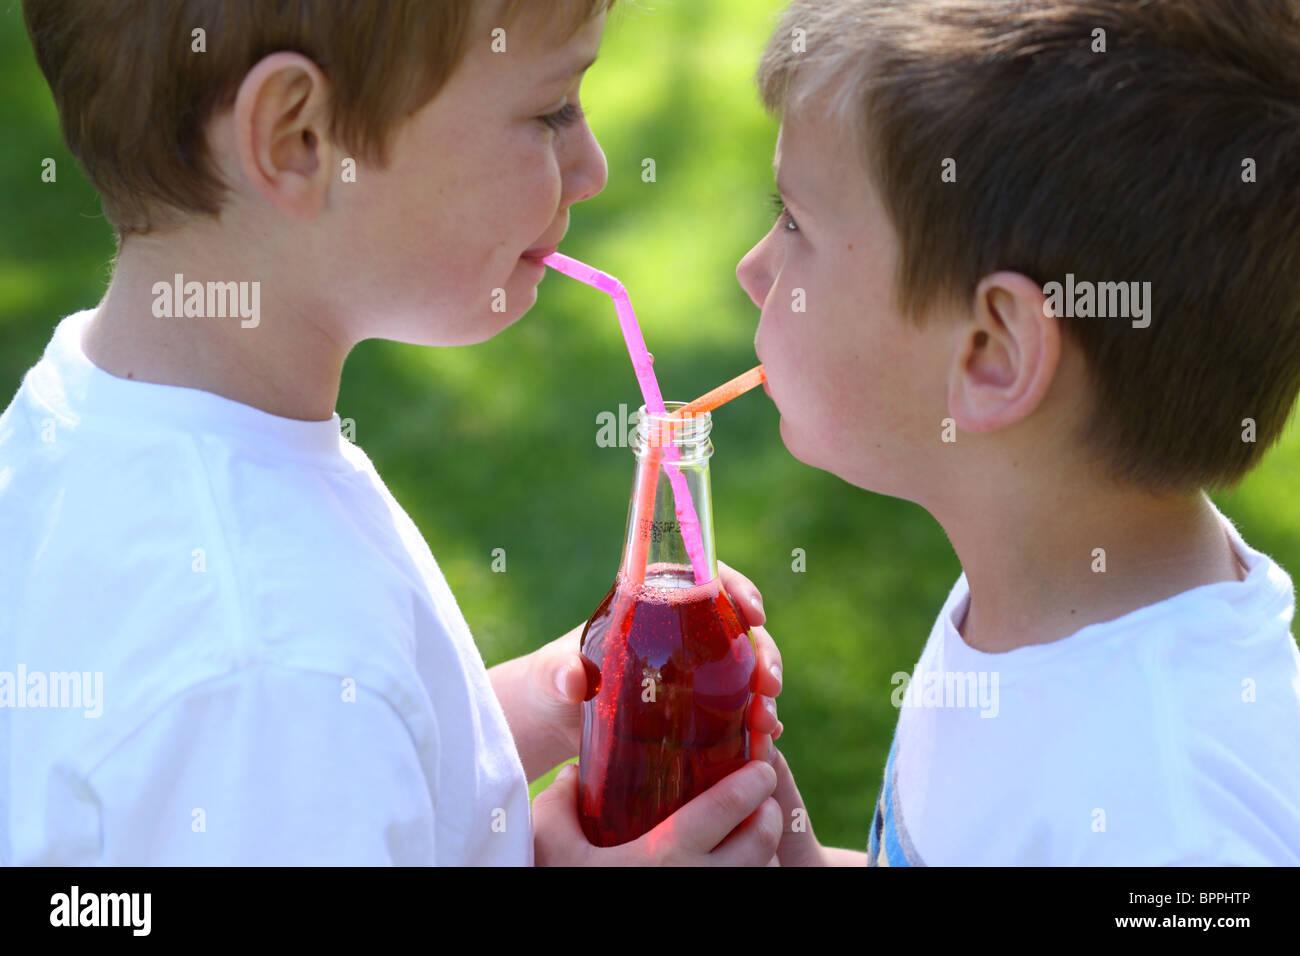 Due giovani ragazzi condividendo una bottiglia di soda Immagini Stock